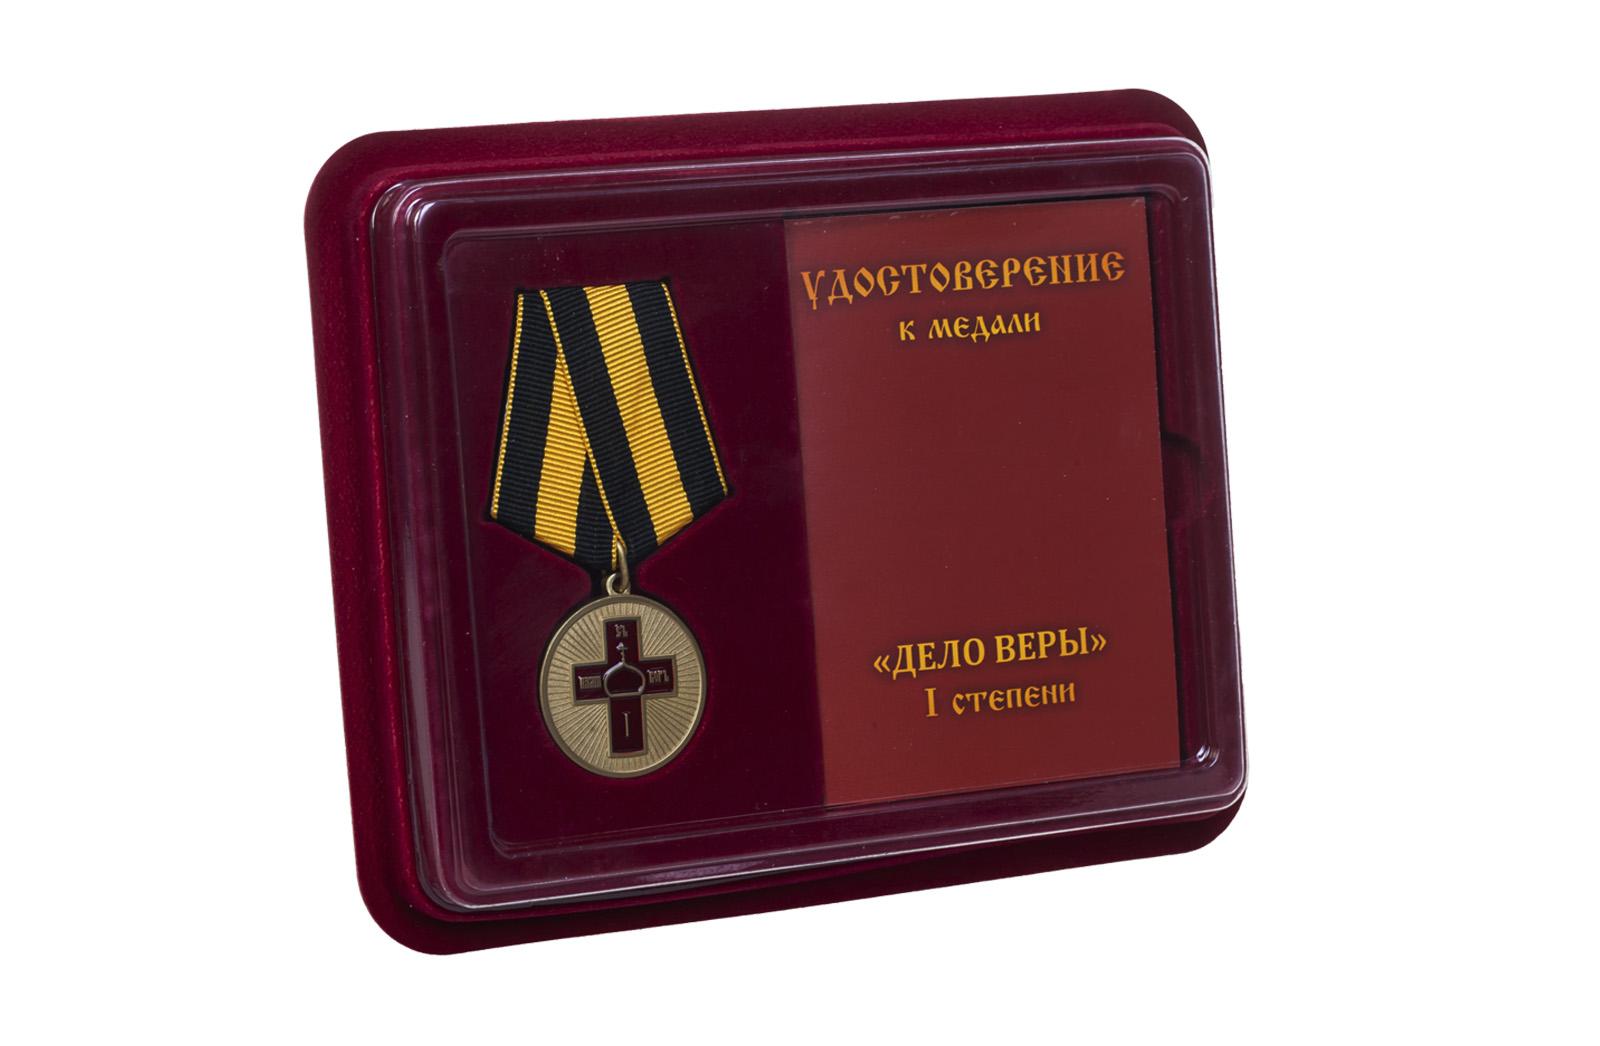 Купить медаль Дело Веры 1 степени с доставкой или самовывозом